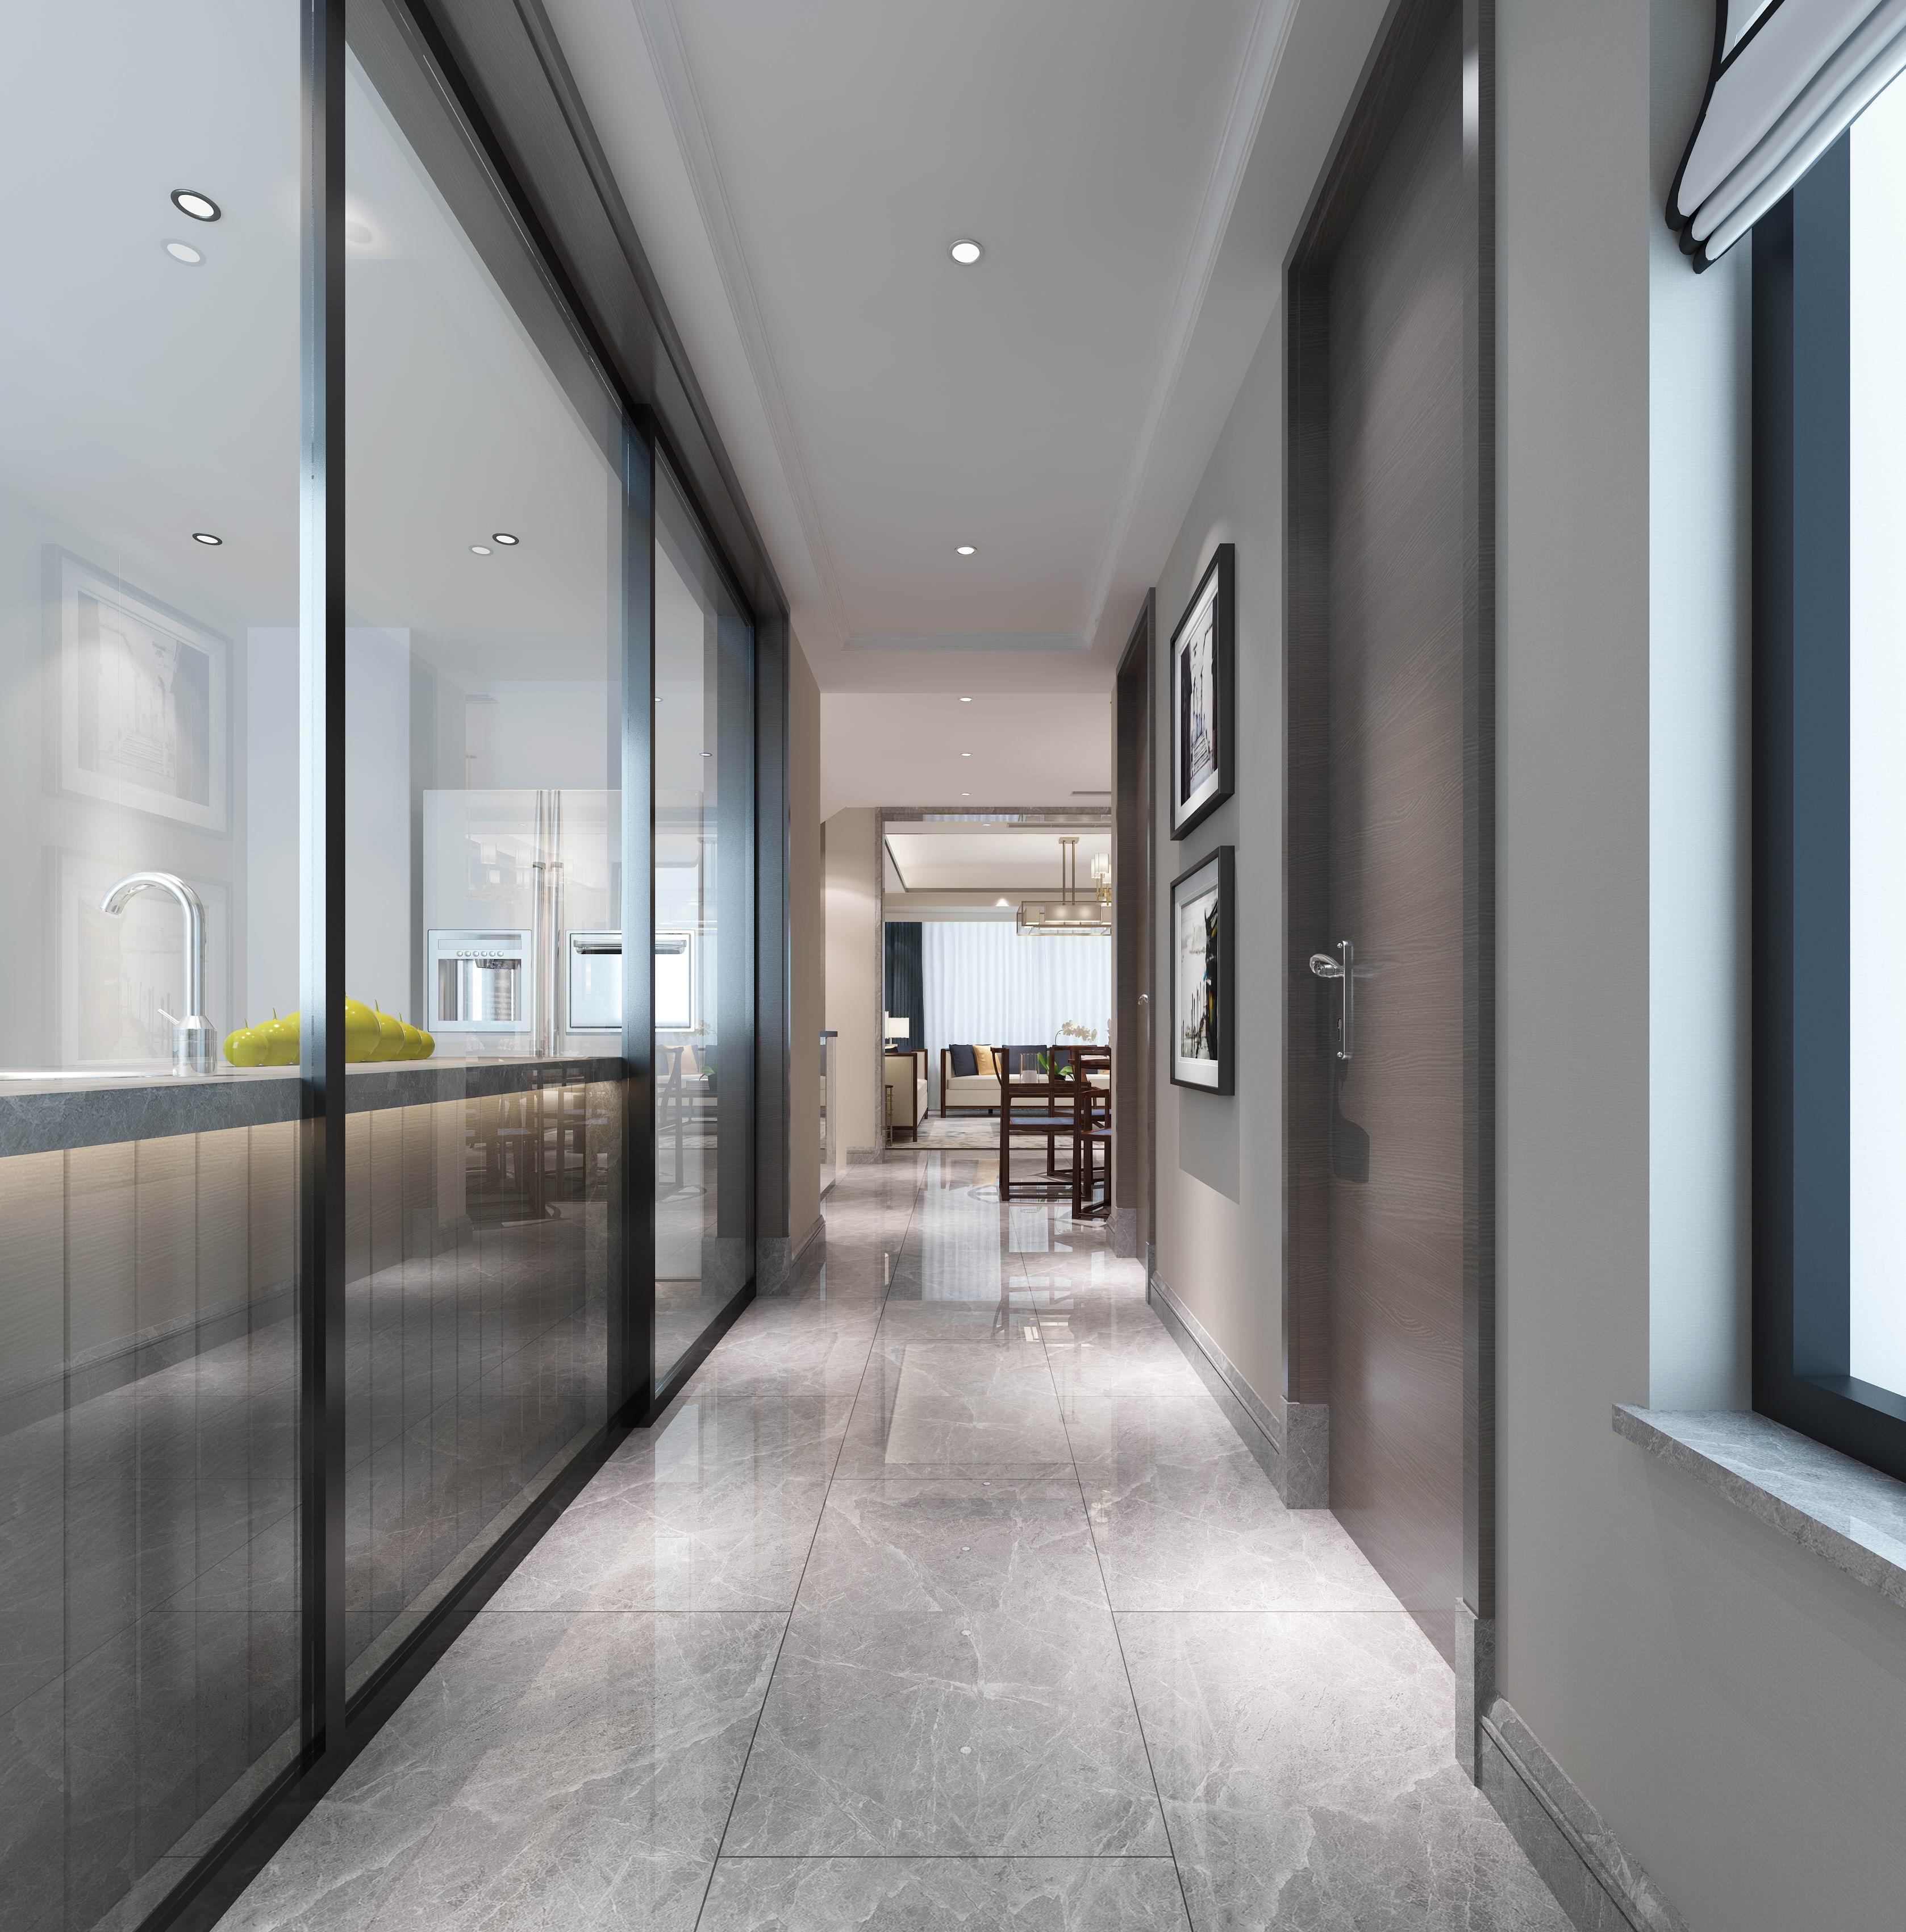 别墅 设计 装修 案例 现代中式 门厅图片来自无锡别墅设计s在中建城中墅310㎡现代中式风格的分享